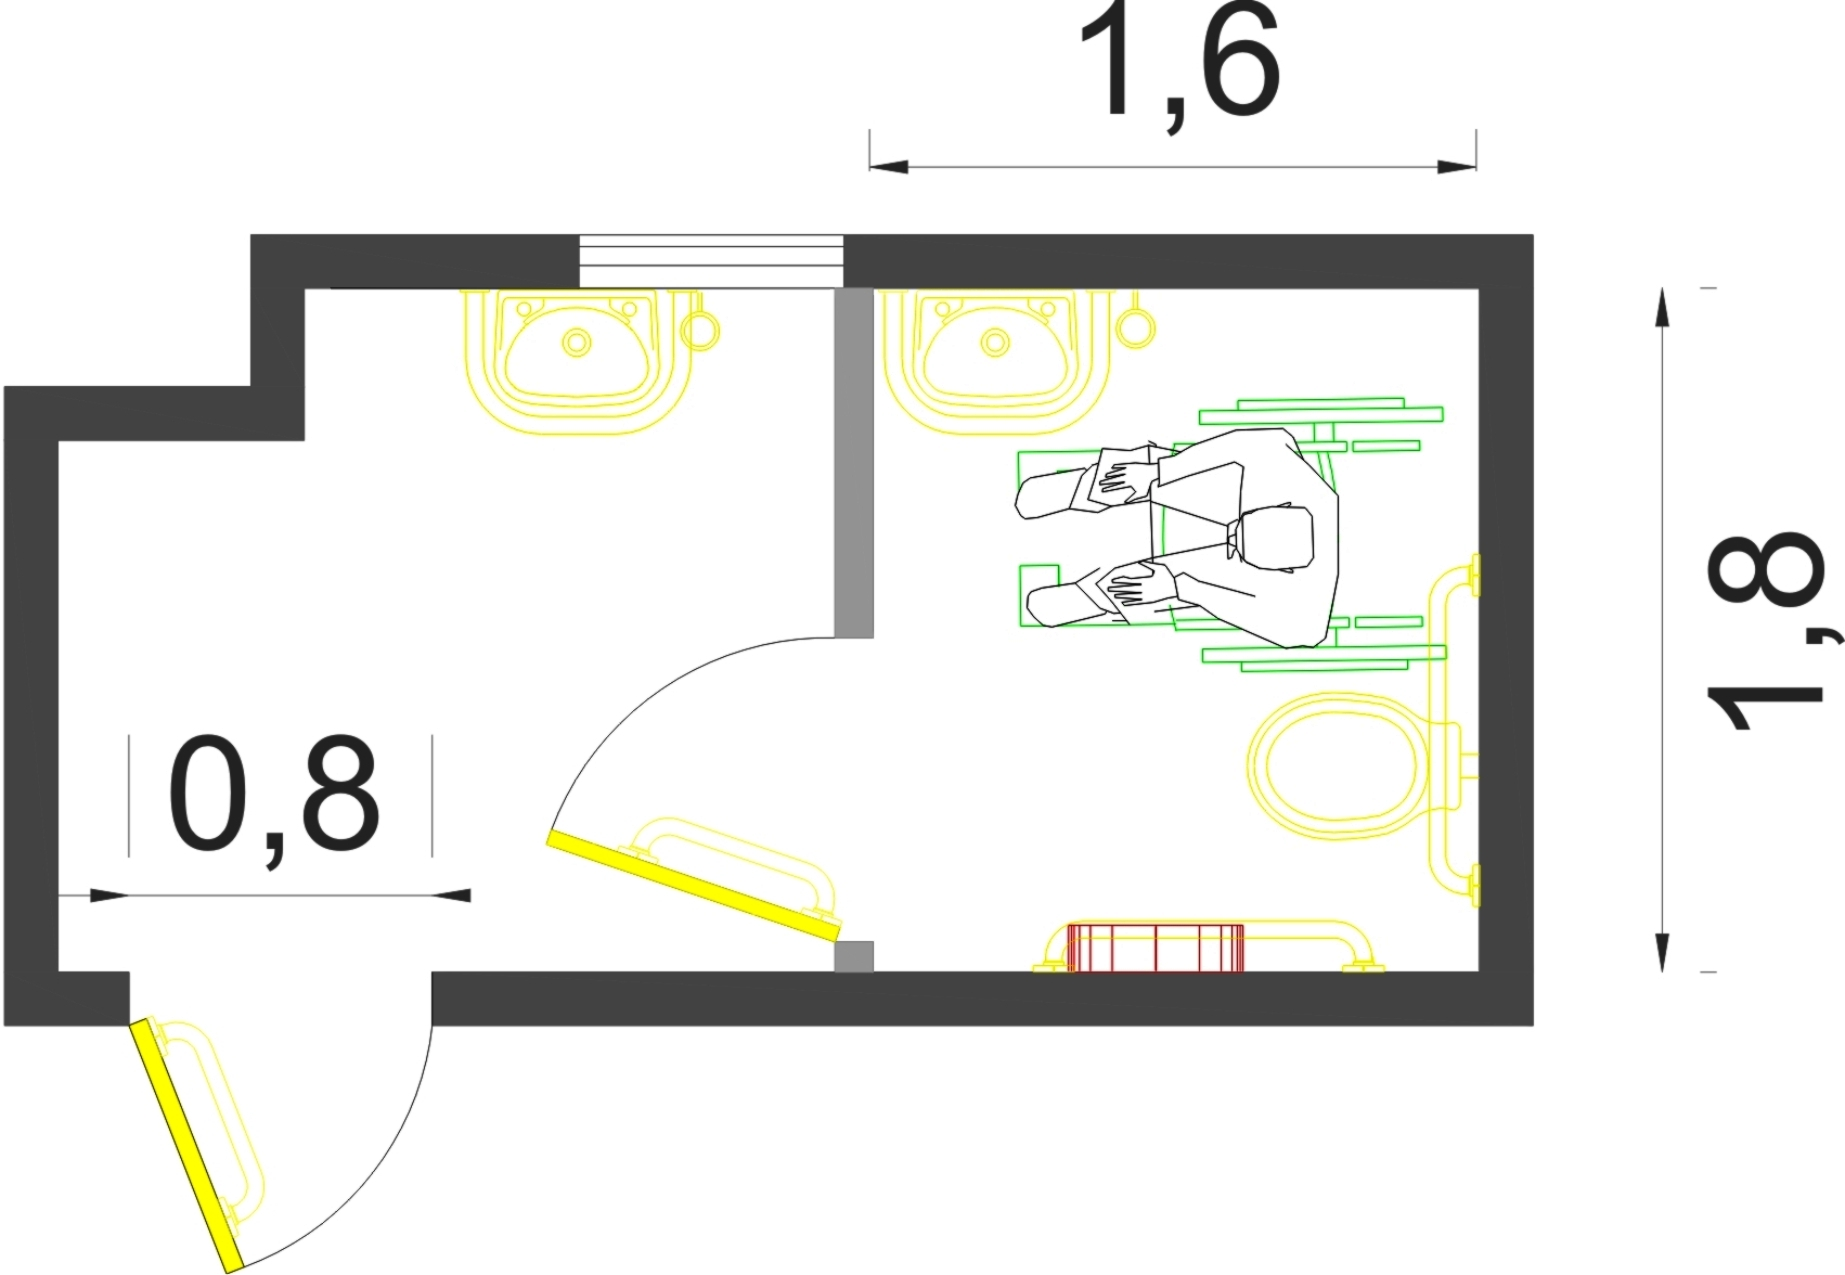 Proposta para um Sanitário ser Acessível Arquitetura Acessível #BFBF0C 1845x1275 Banheiro Acessivel Cad